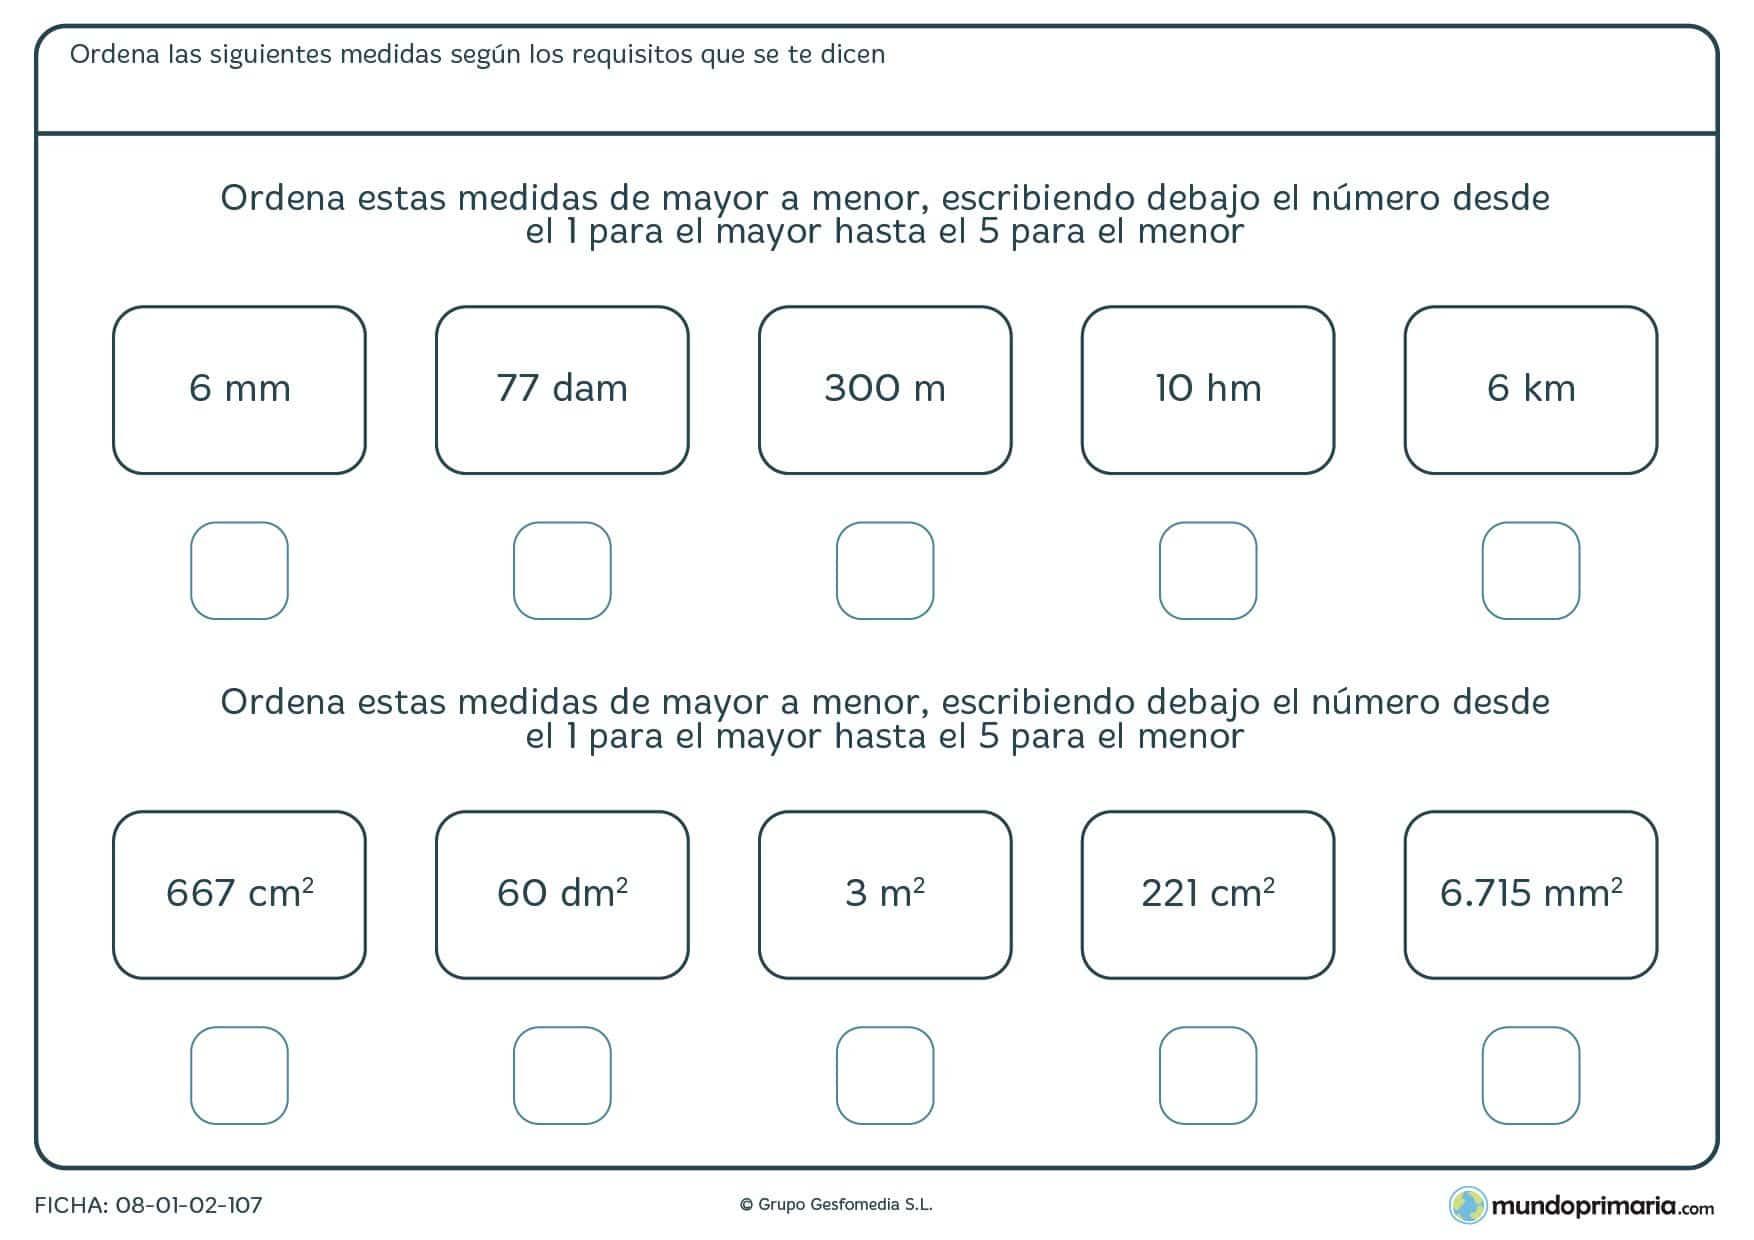 Ficha de medidas desde el mayor al menor con cantidades que tienen difieren